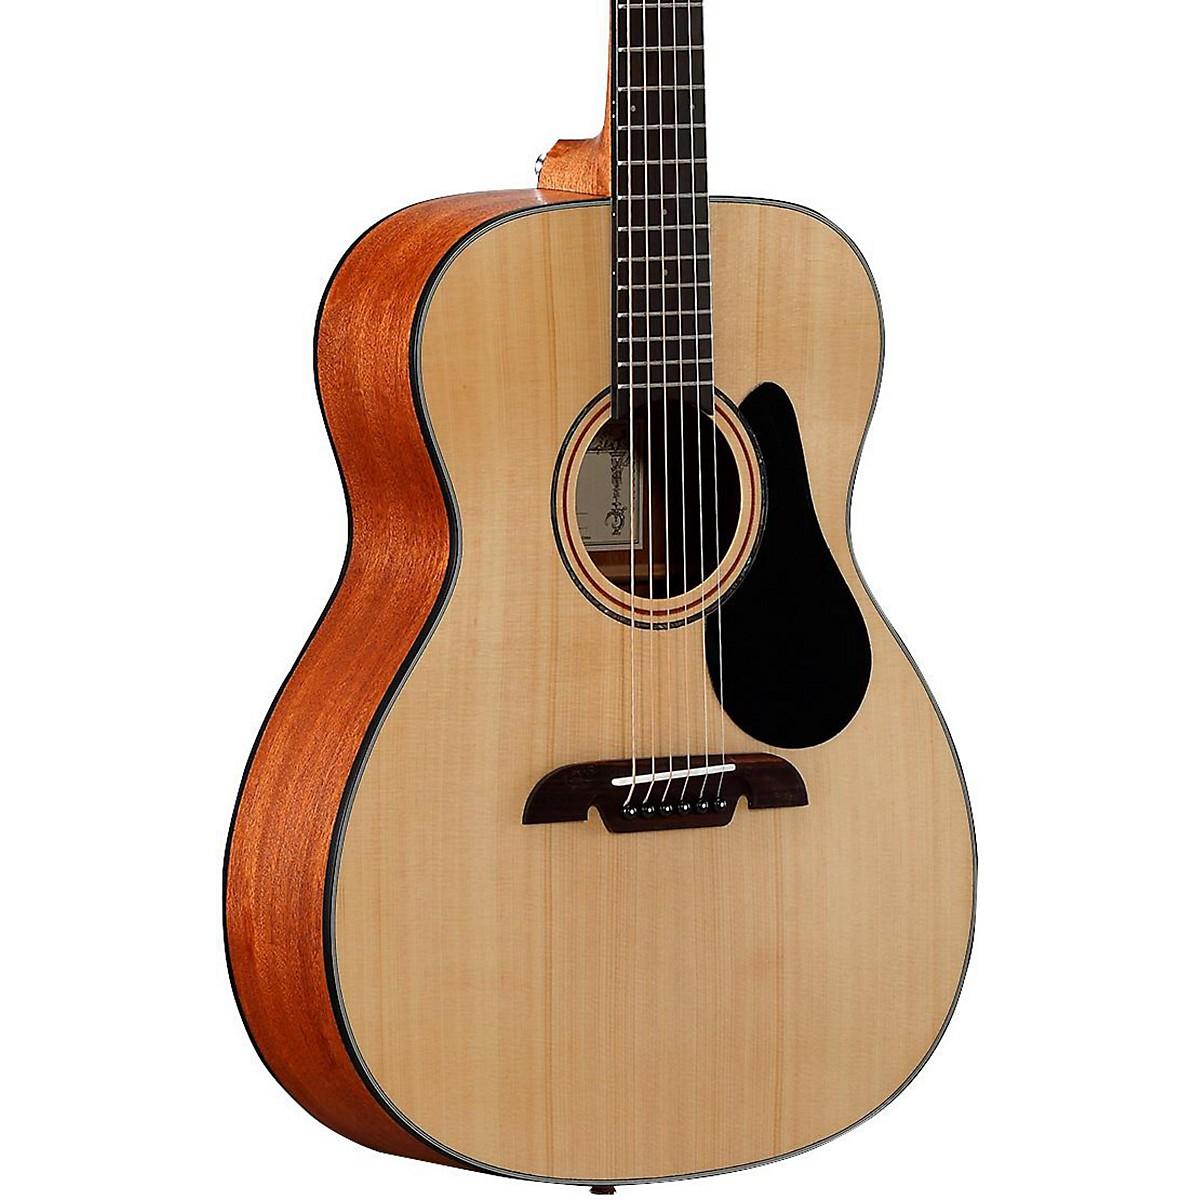 Alvarez Artist Series AF30 Folk Acoustic Guitar